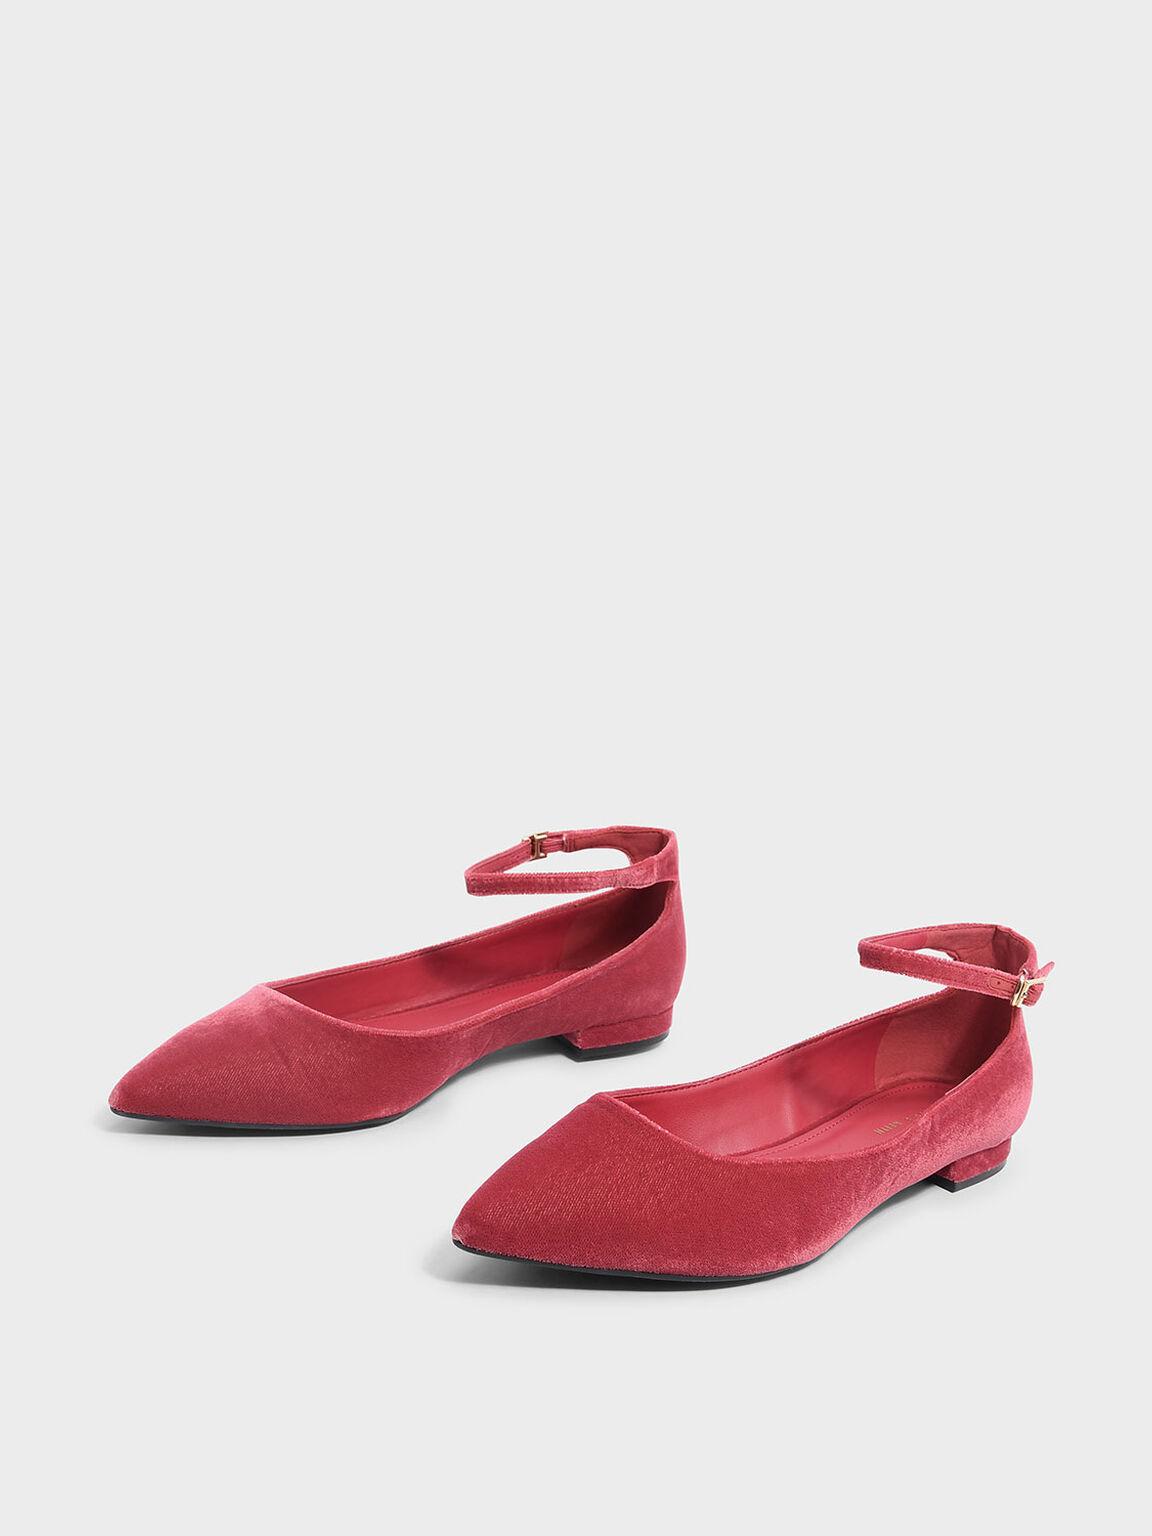 Ankle Strap Flats, Pink, hi-res